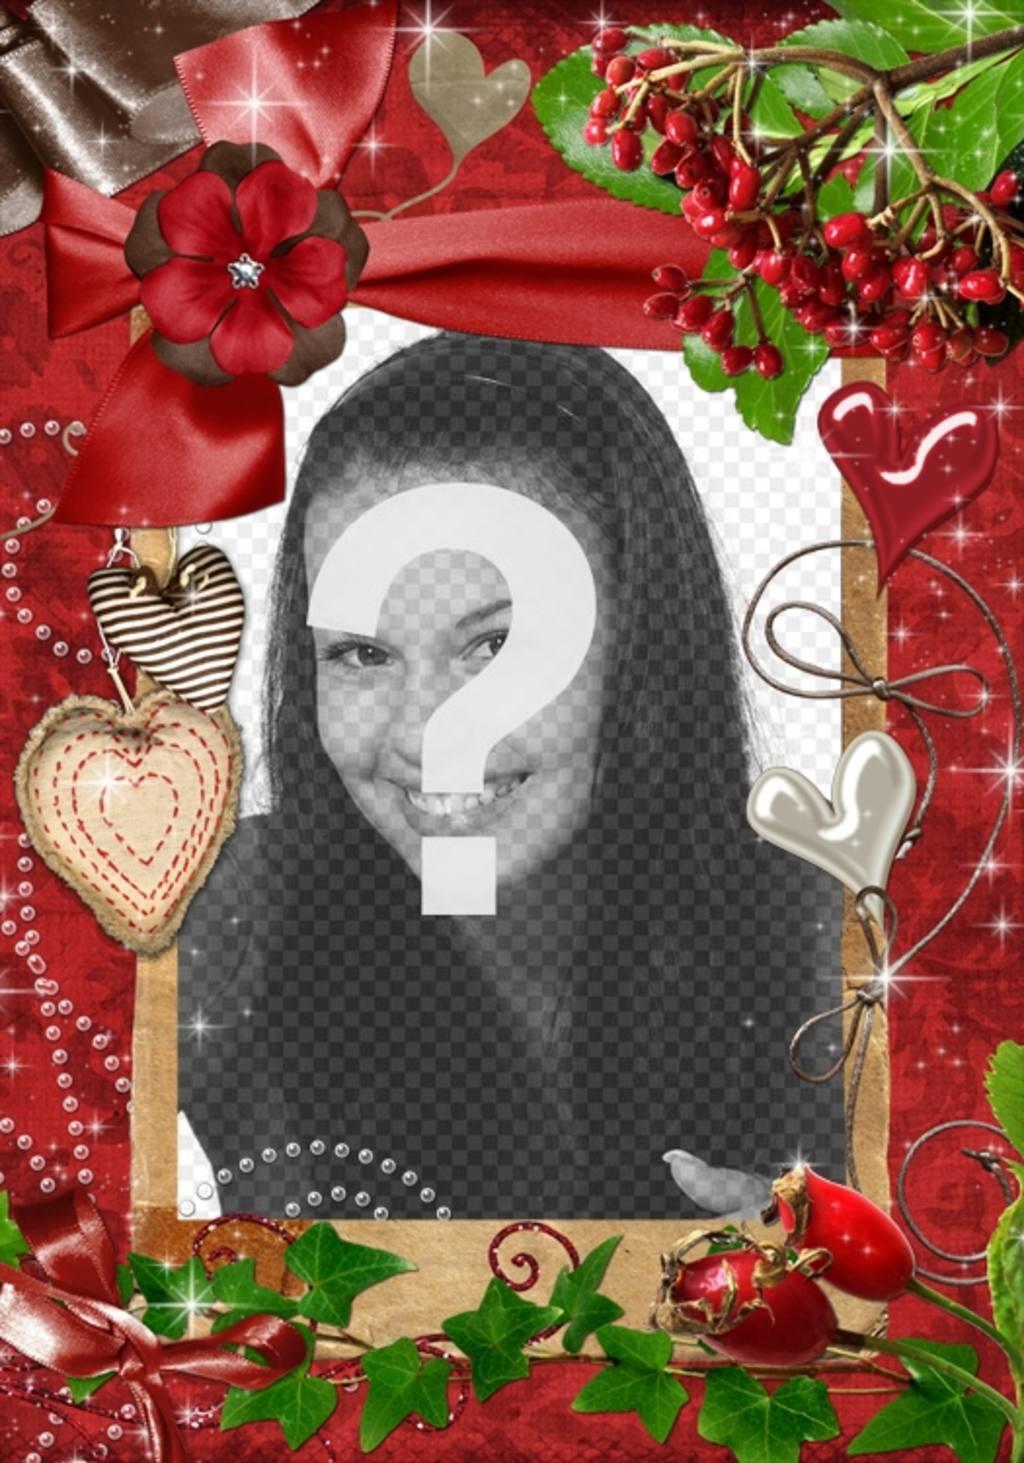 Red cadre rectangulaire pour une photo. Nous motifs et les cœurs de perles et de tissu. Pour compléter la Saint-Valentin en tant que complément à votre cadeau